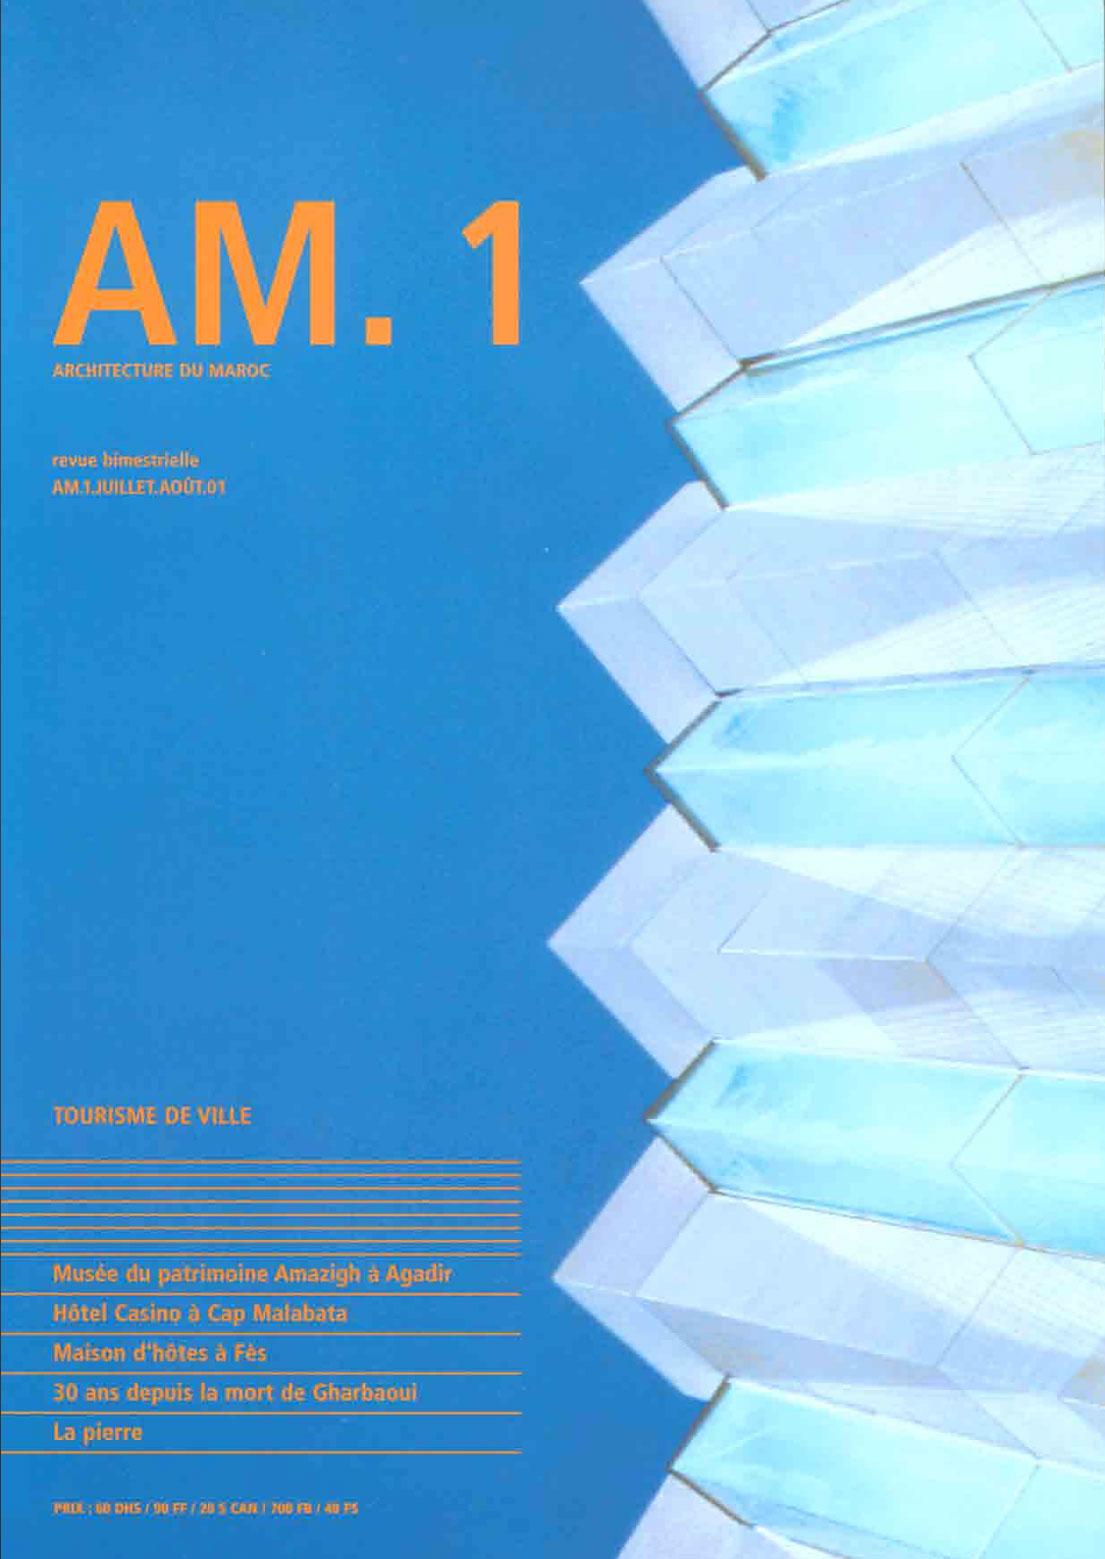 AM N°1-07-2001